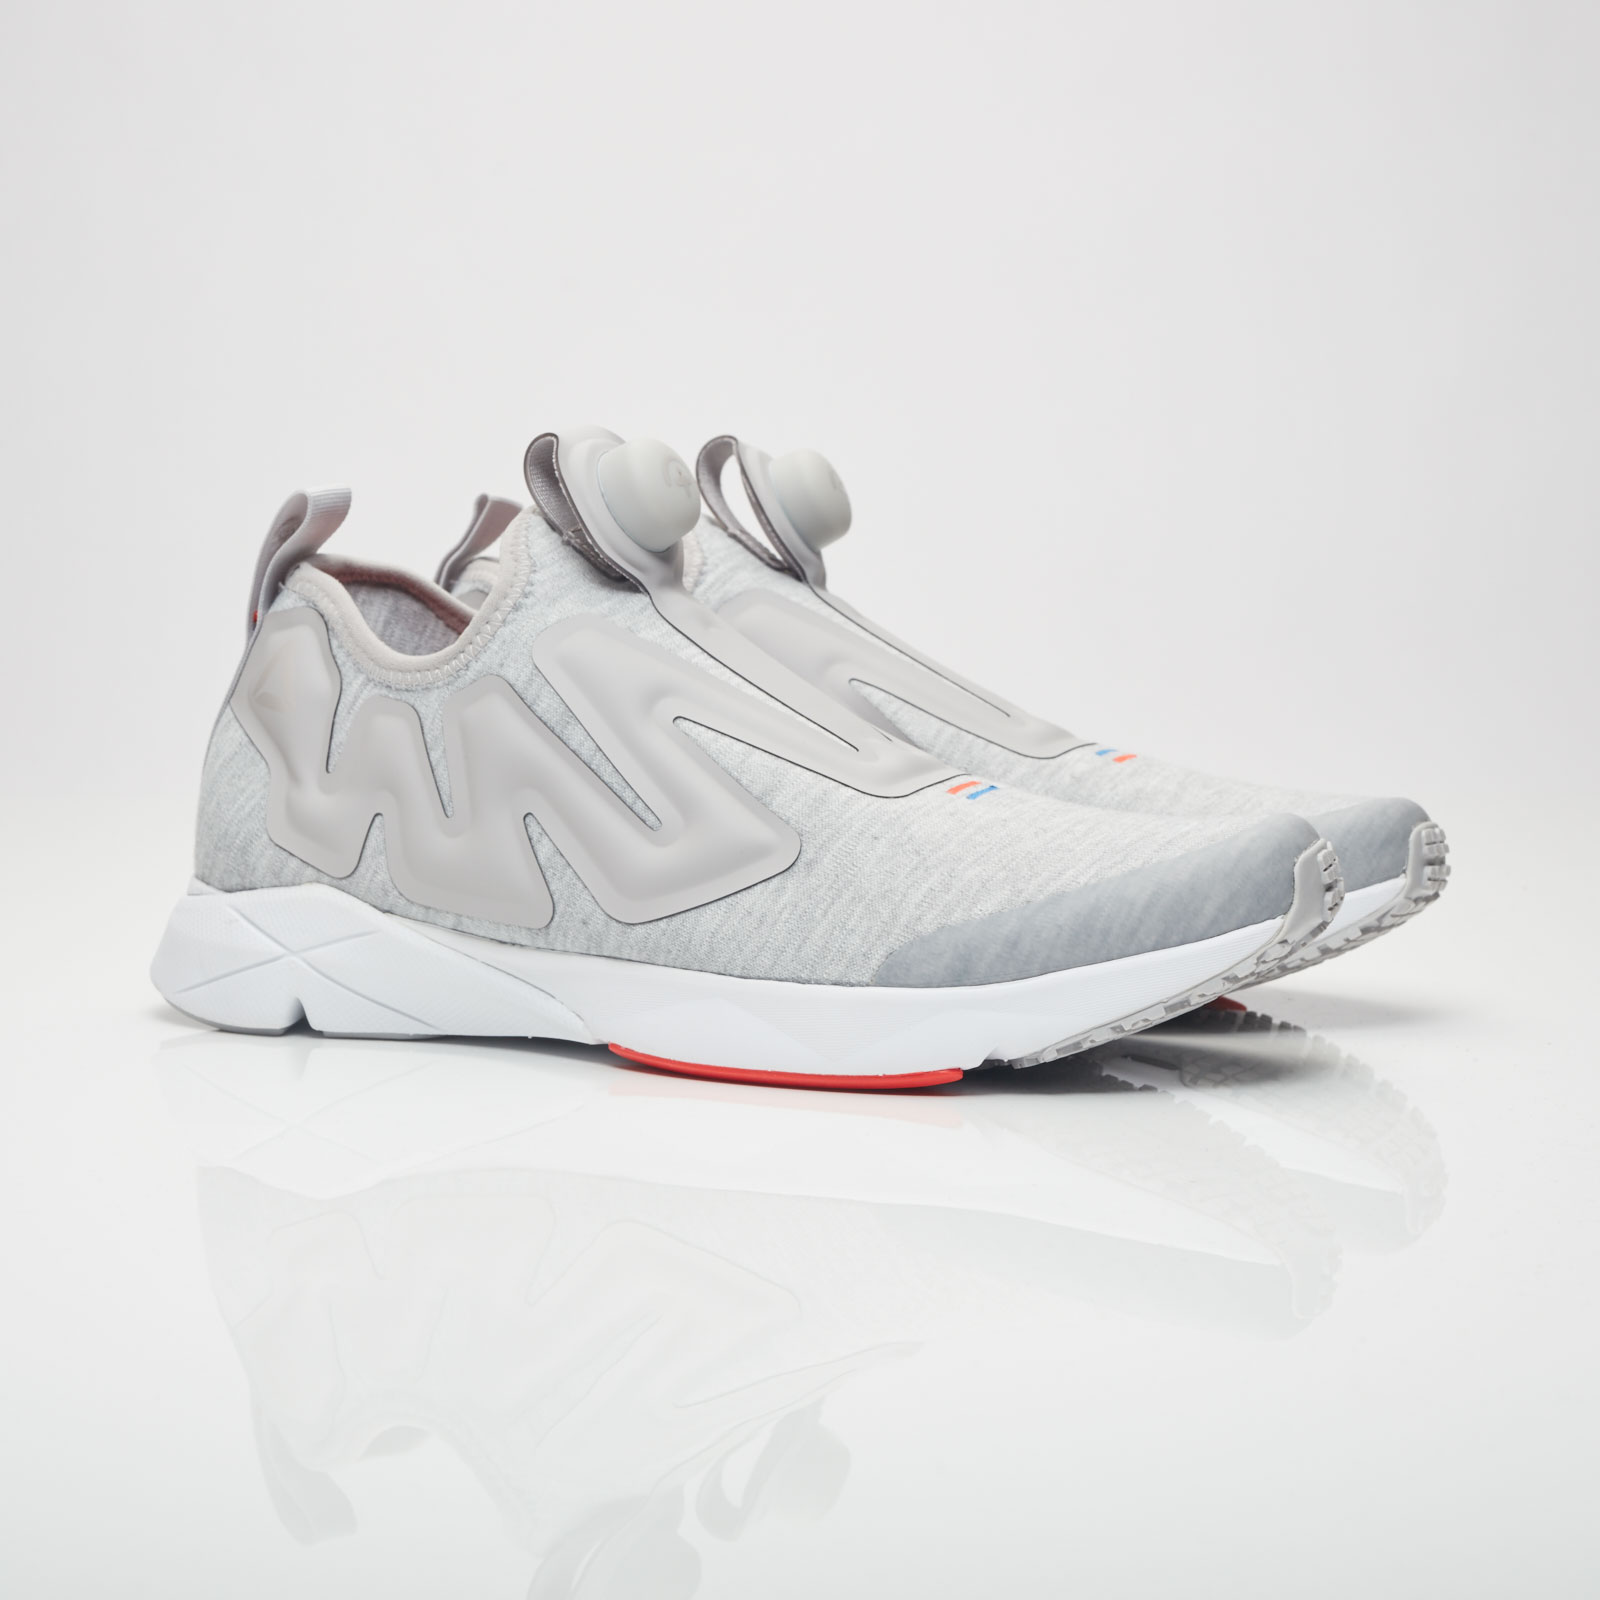 d10cfdd772d Reebok Pump Plus Supreme Hoodie - Bs7038 - Sneakersnstuff